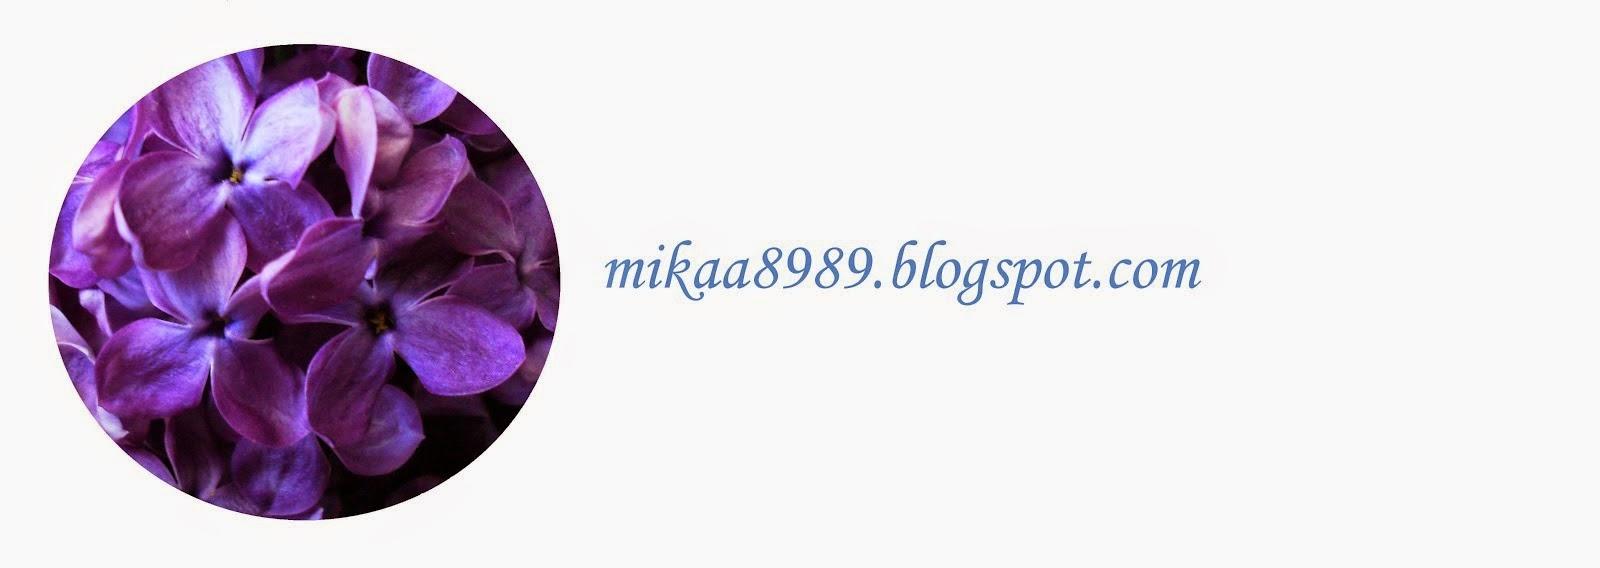 mikaa8989